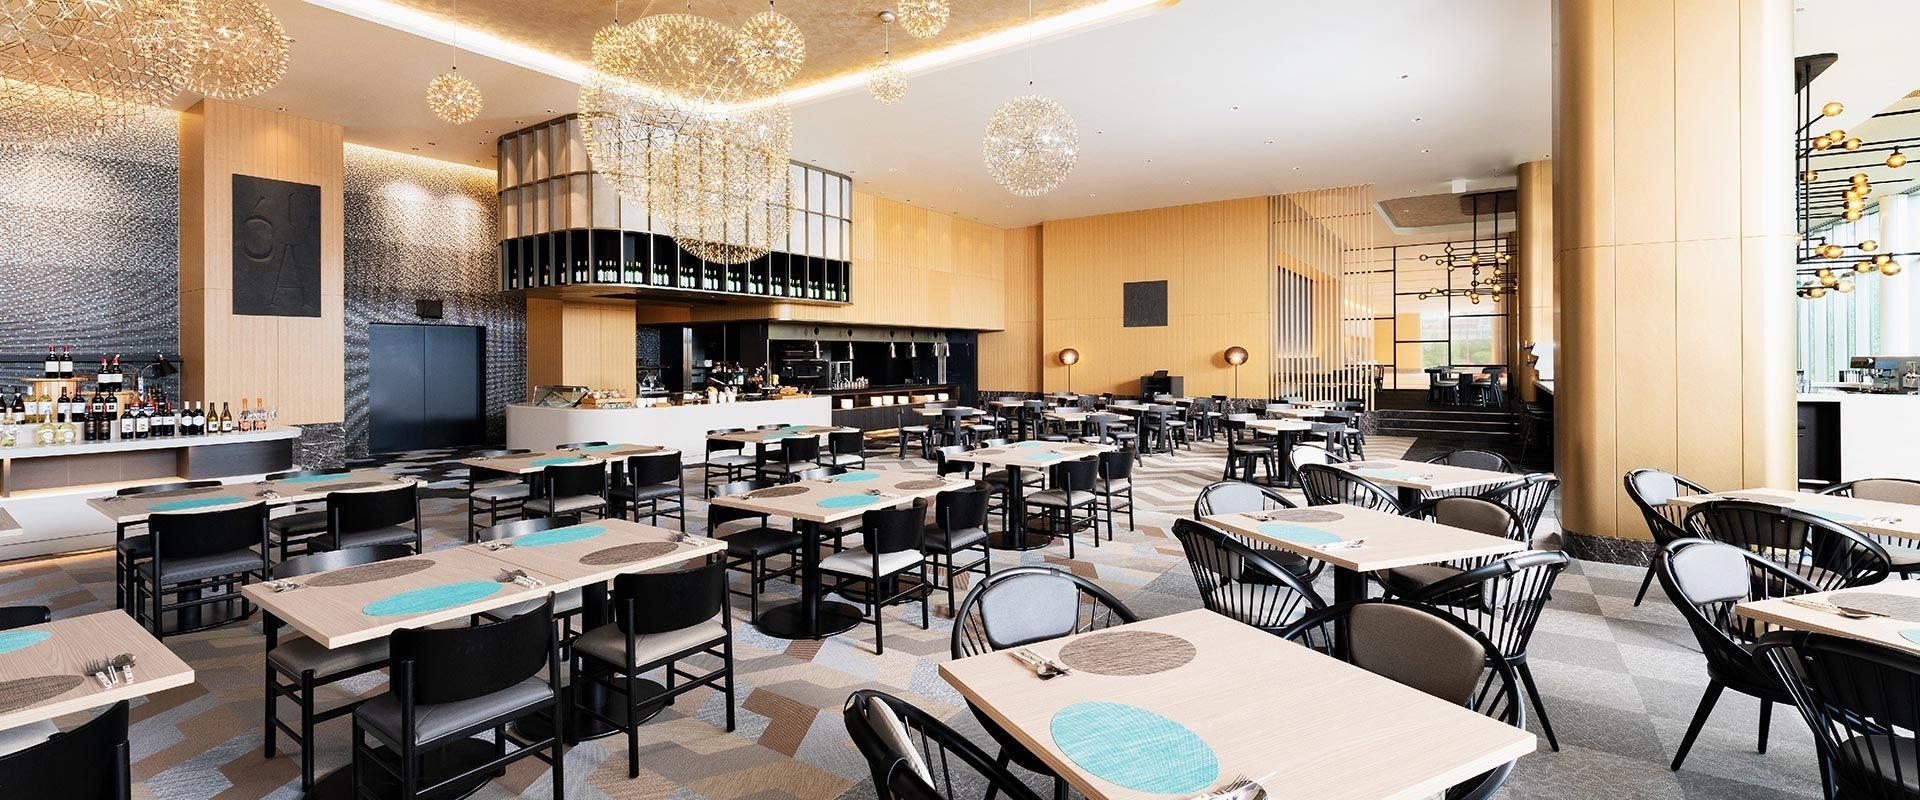 ホテル阪急レスパイア大阪 レストラン